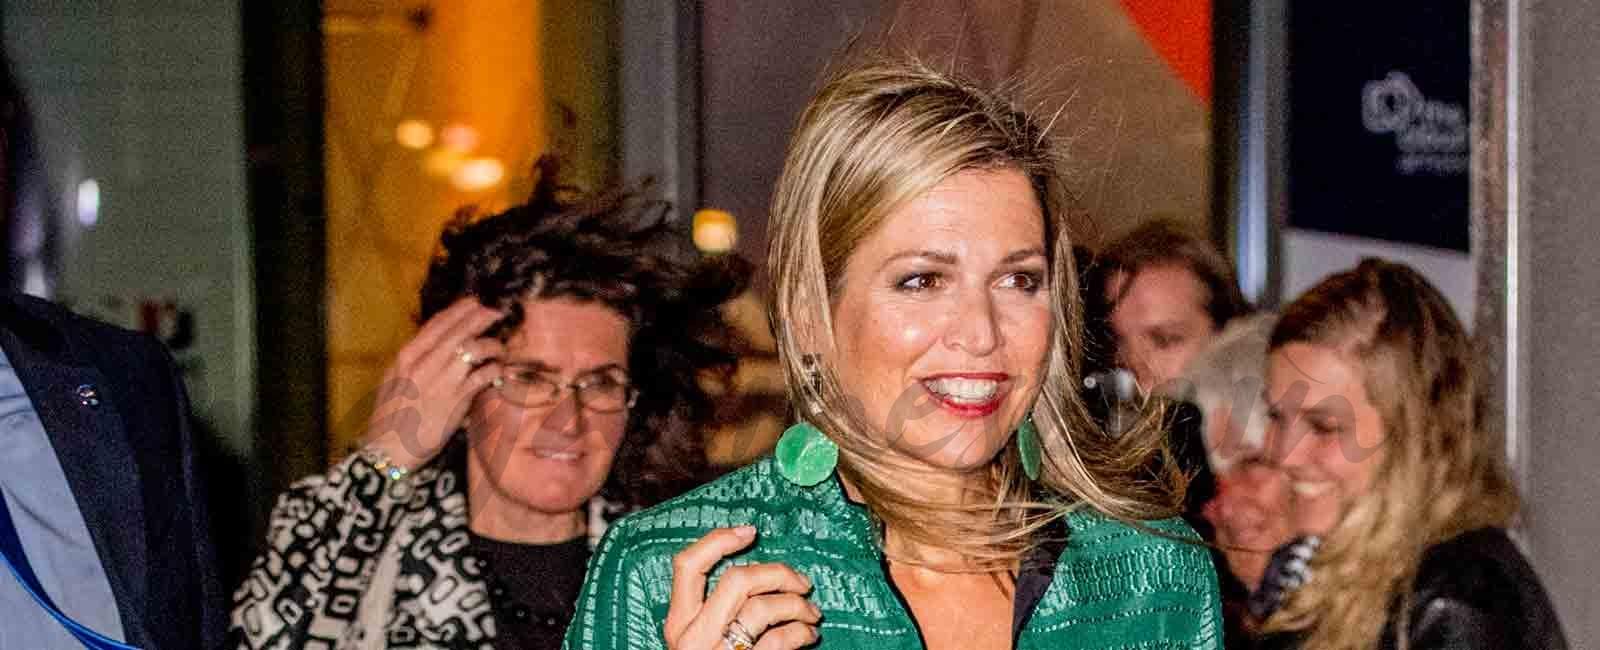 La reina Máxima de Holanda se quita los tacones